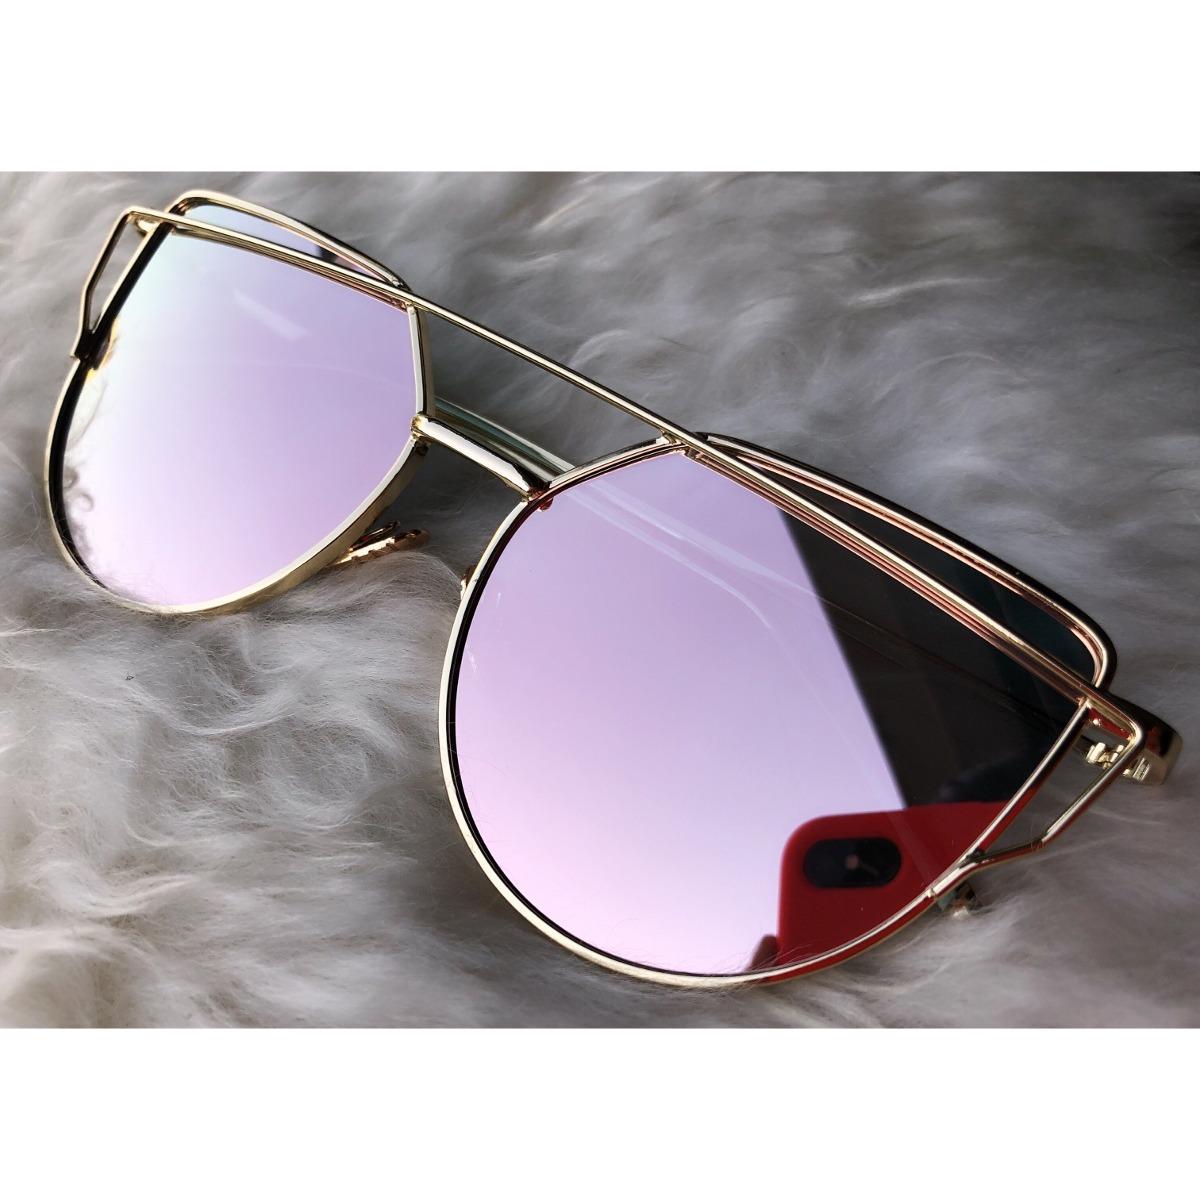 74fe592670 anteojos de sol espejados metal mujer rimland importados. Cargando zoom.